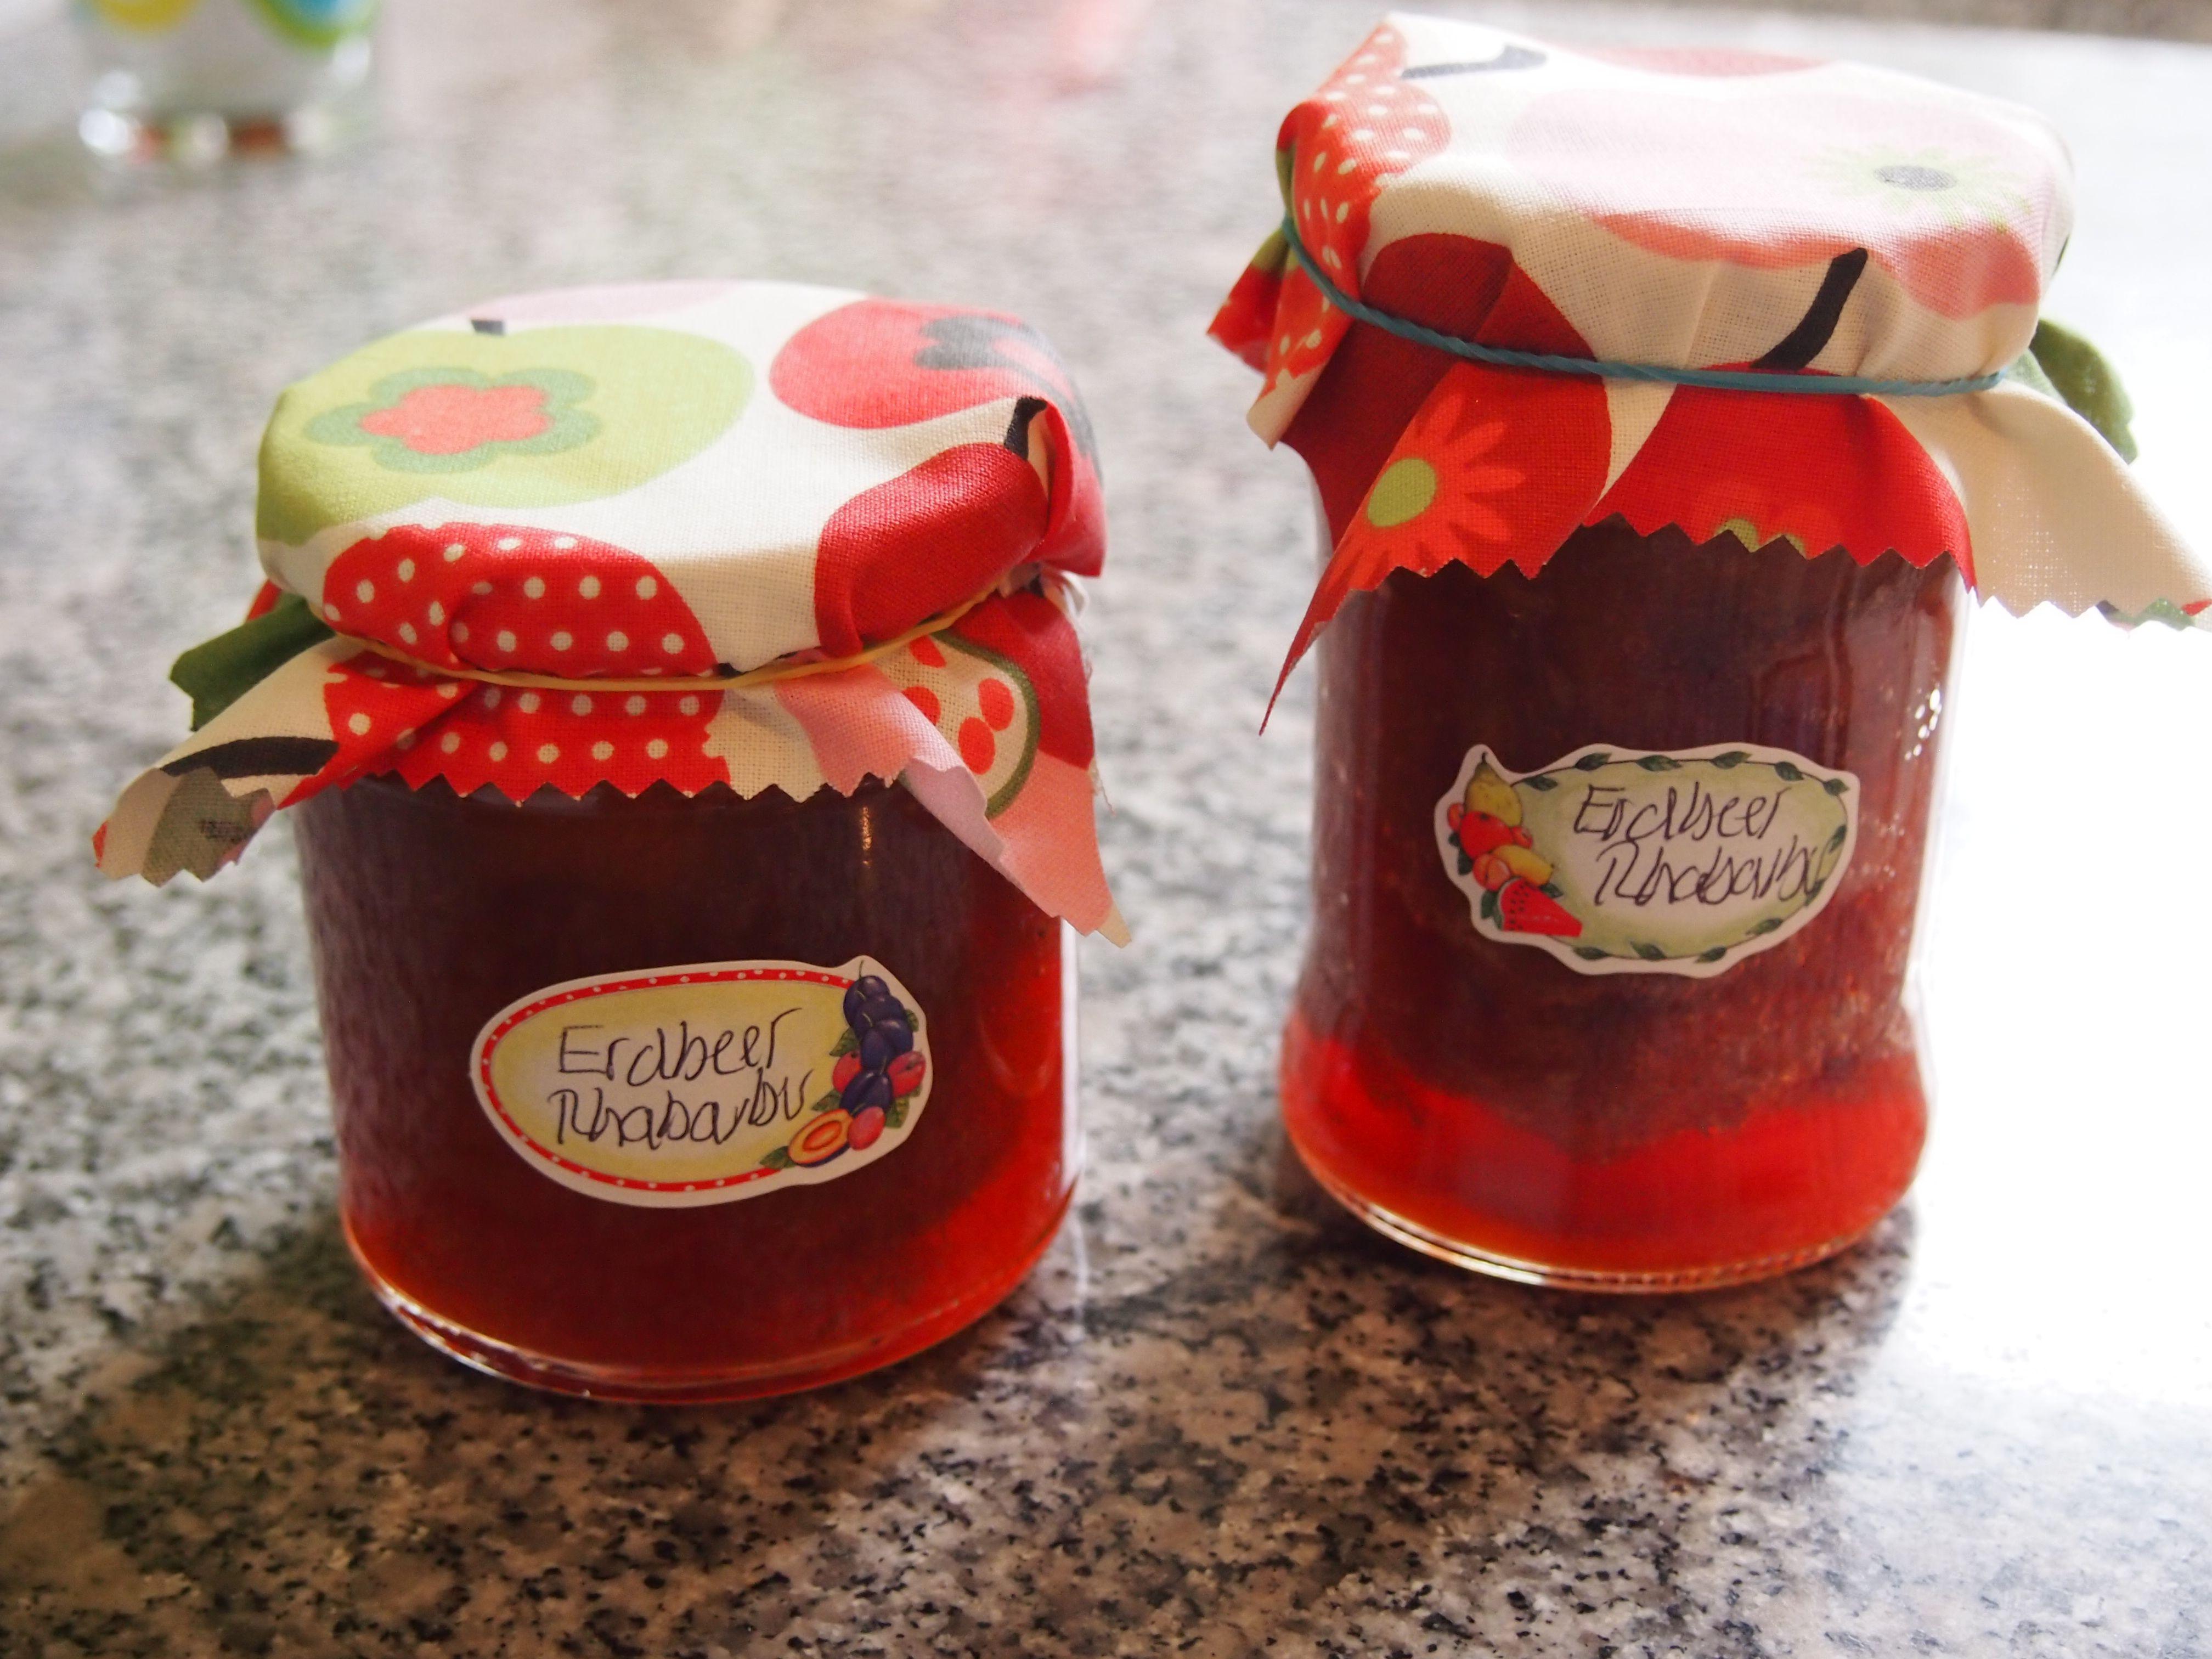 Selbstgemachte Marmelade Von Thomas Gute Küche München Maxvorstadt